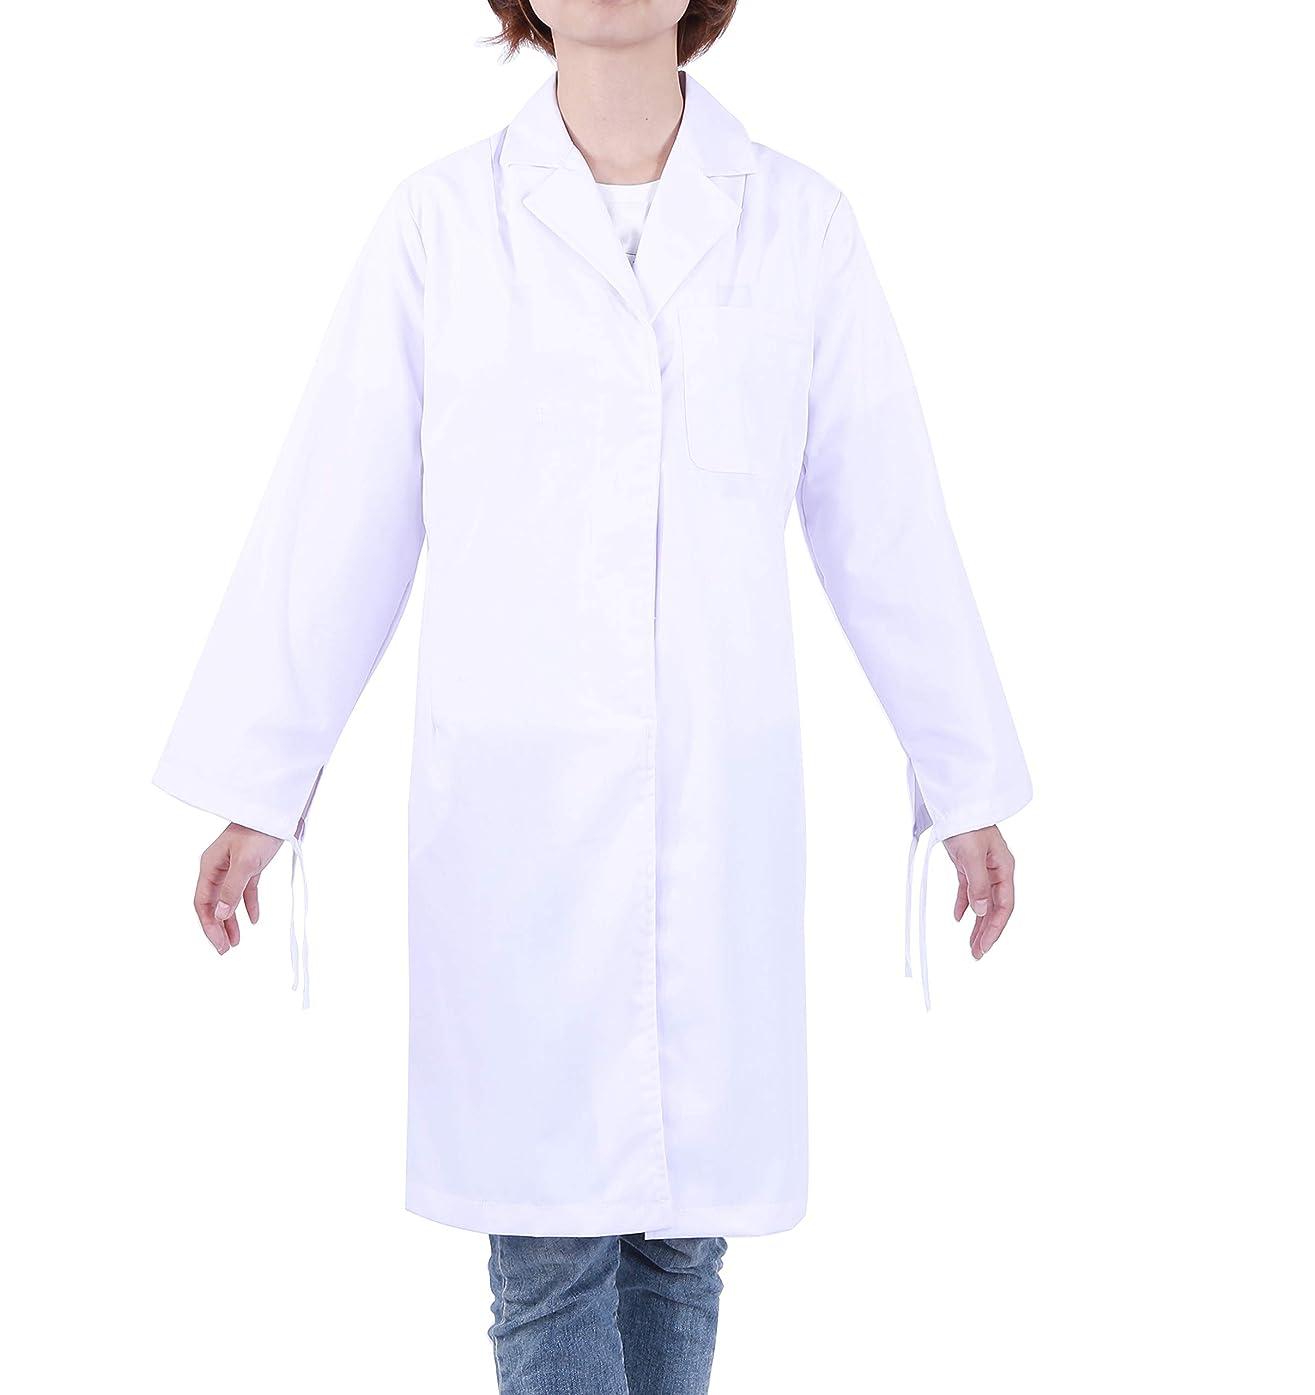 気楽な崇拝する反逆LIFE&HOPE 白衣 実験用 女性ドクター レディース用 医師診察衣 研究用白衣 ホワイト 長袖 シングルボタン 両脇ポケット付き (S)